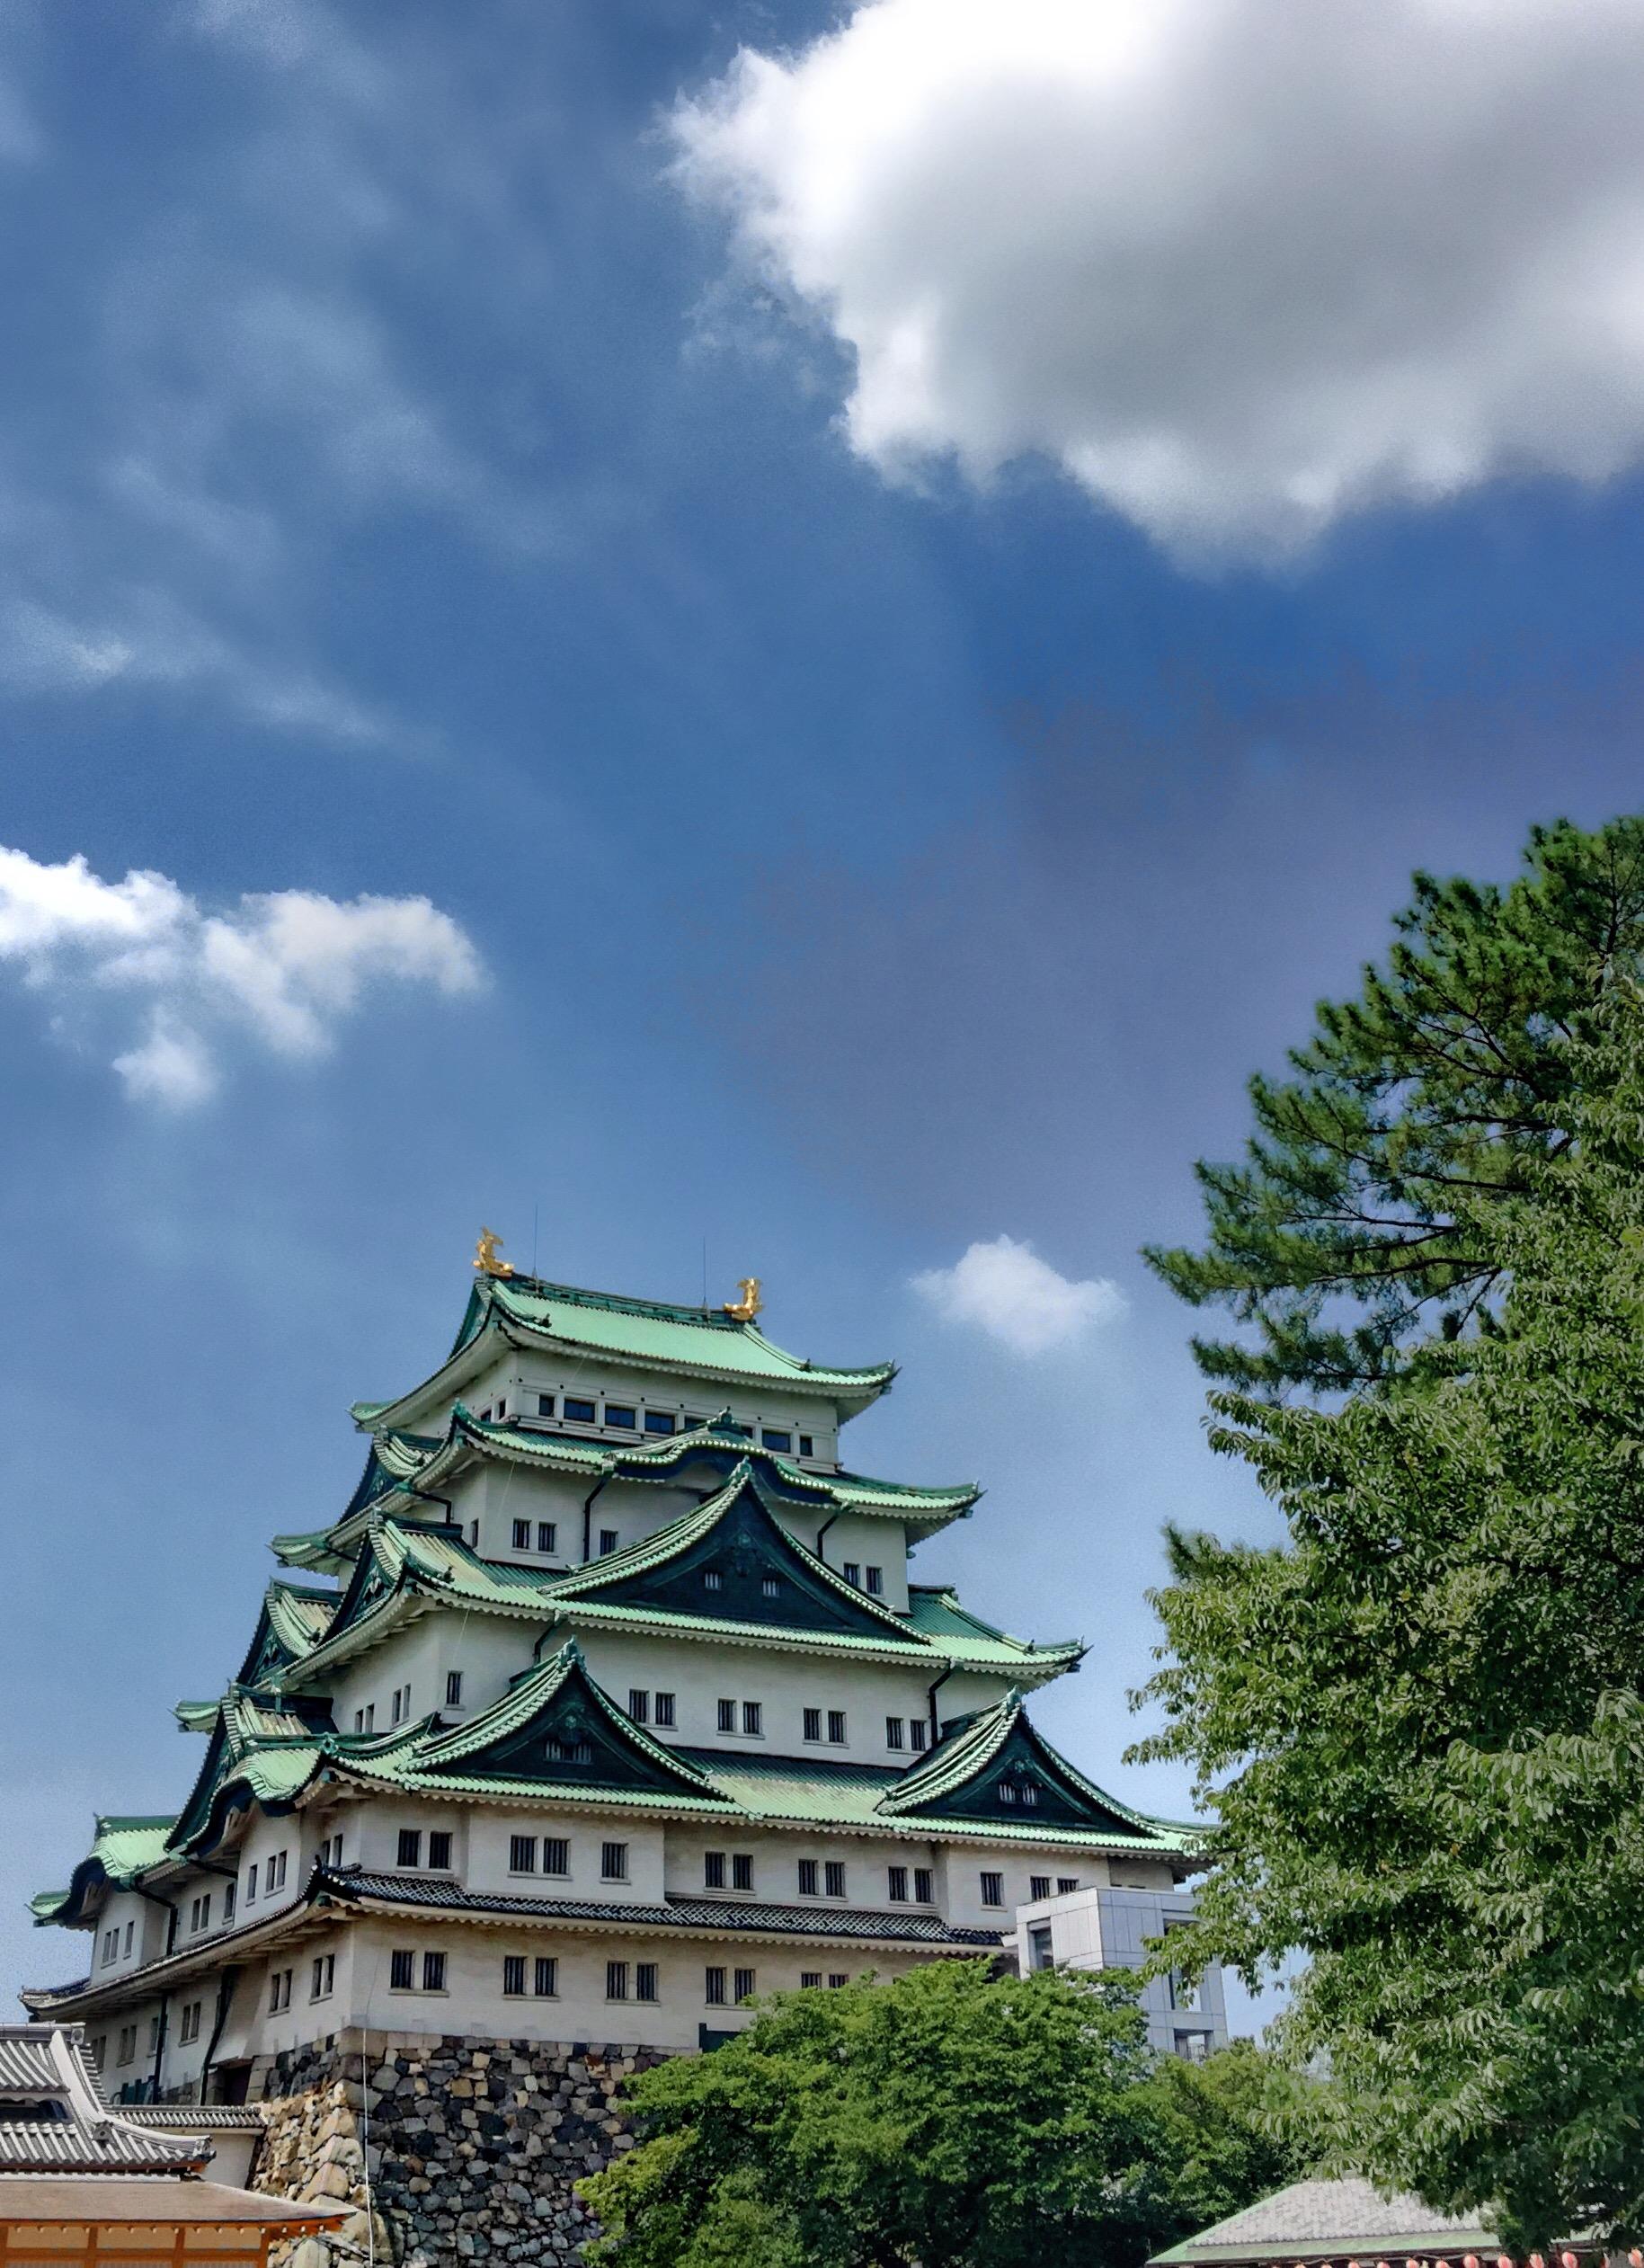 The Nagoya Castle